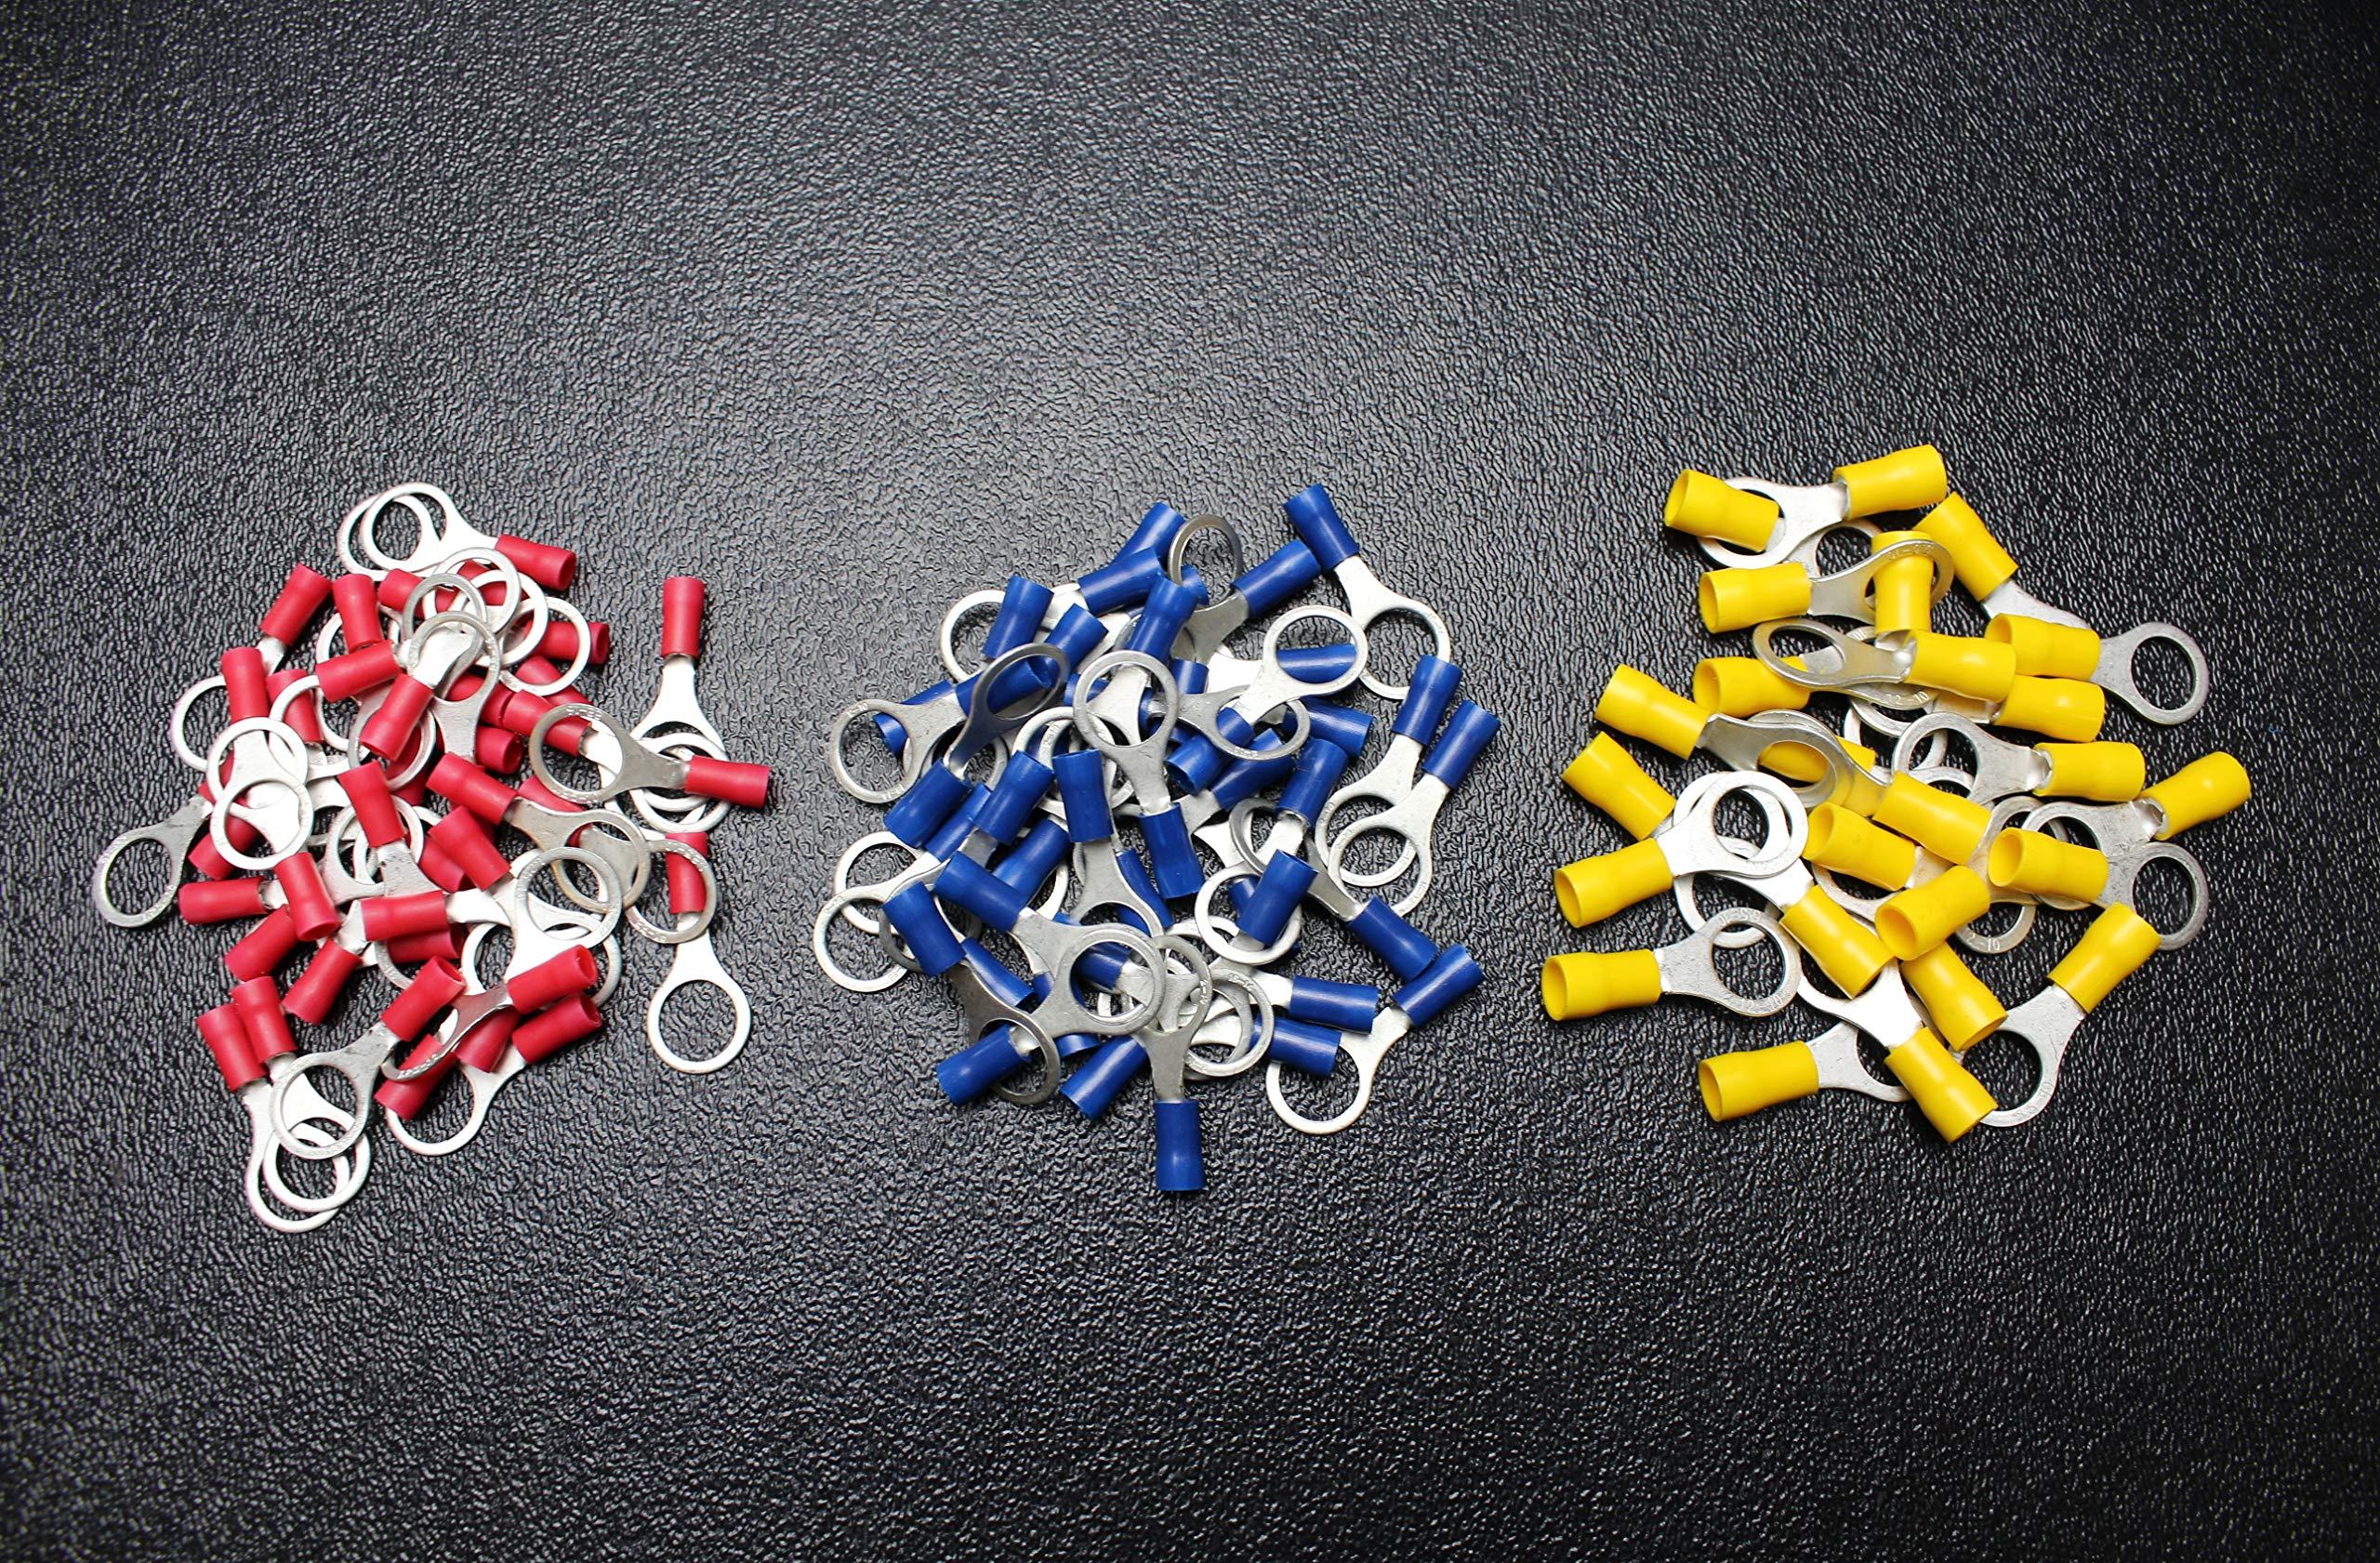 600 PK 10-12 14-16 18-22 Gauge Vinyl Ring CONNECTORS 200 PCS EA Terminal 3/8